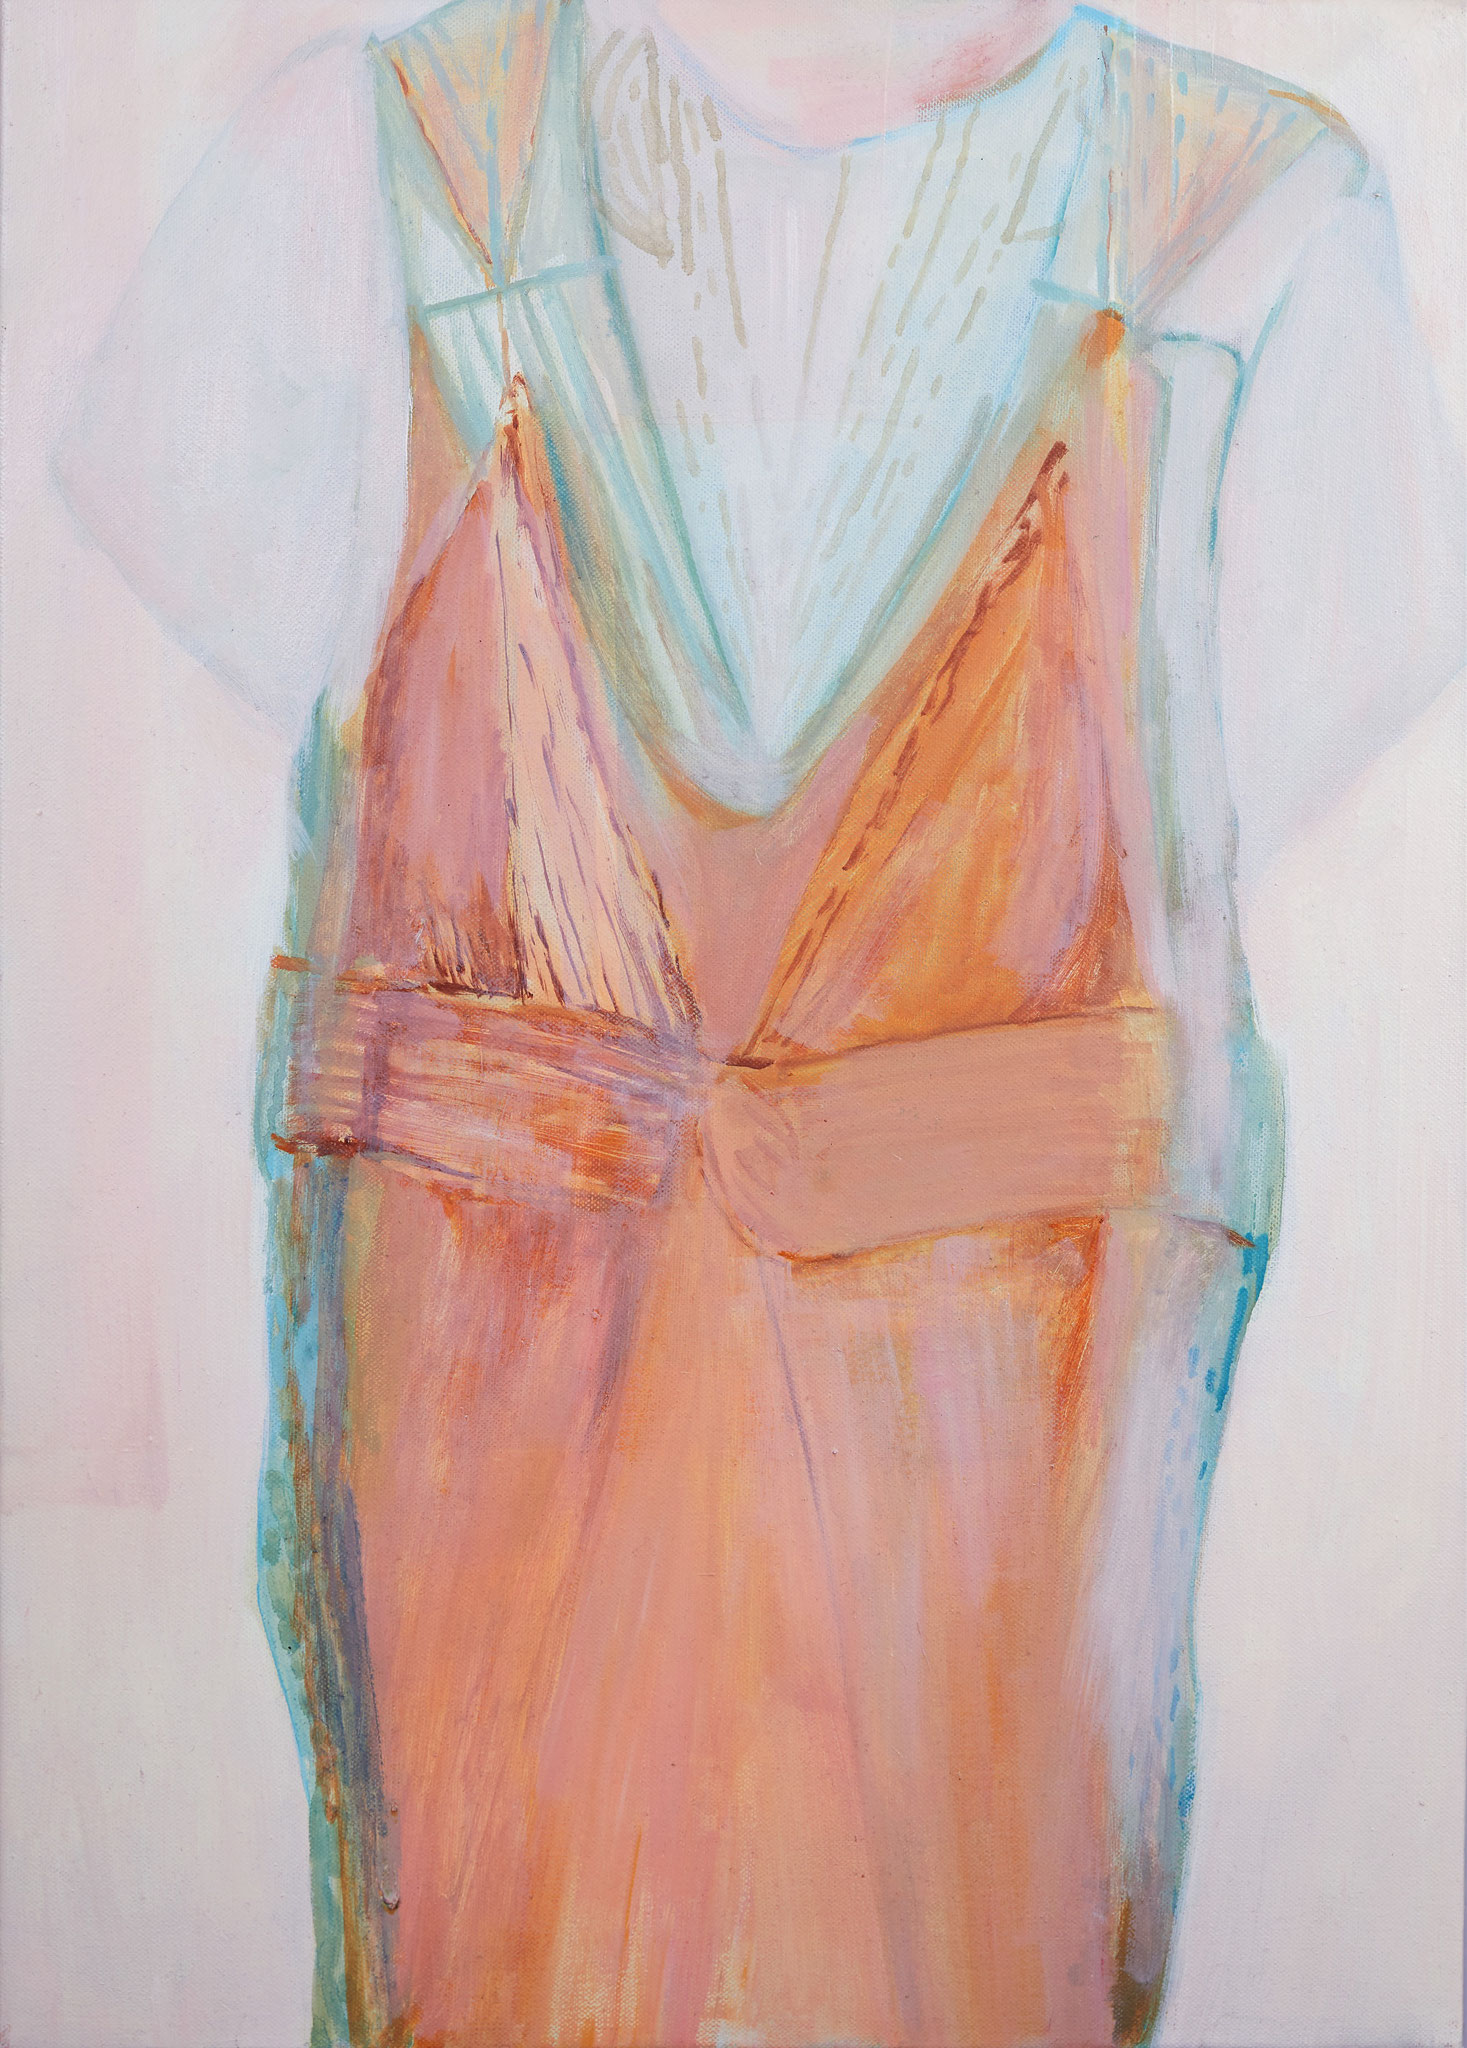 Soirée, Huile sur toile, 2016, 50 x 70 cm